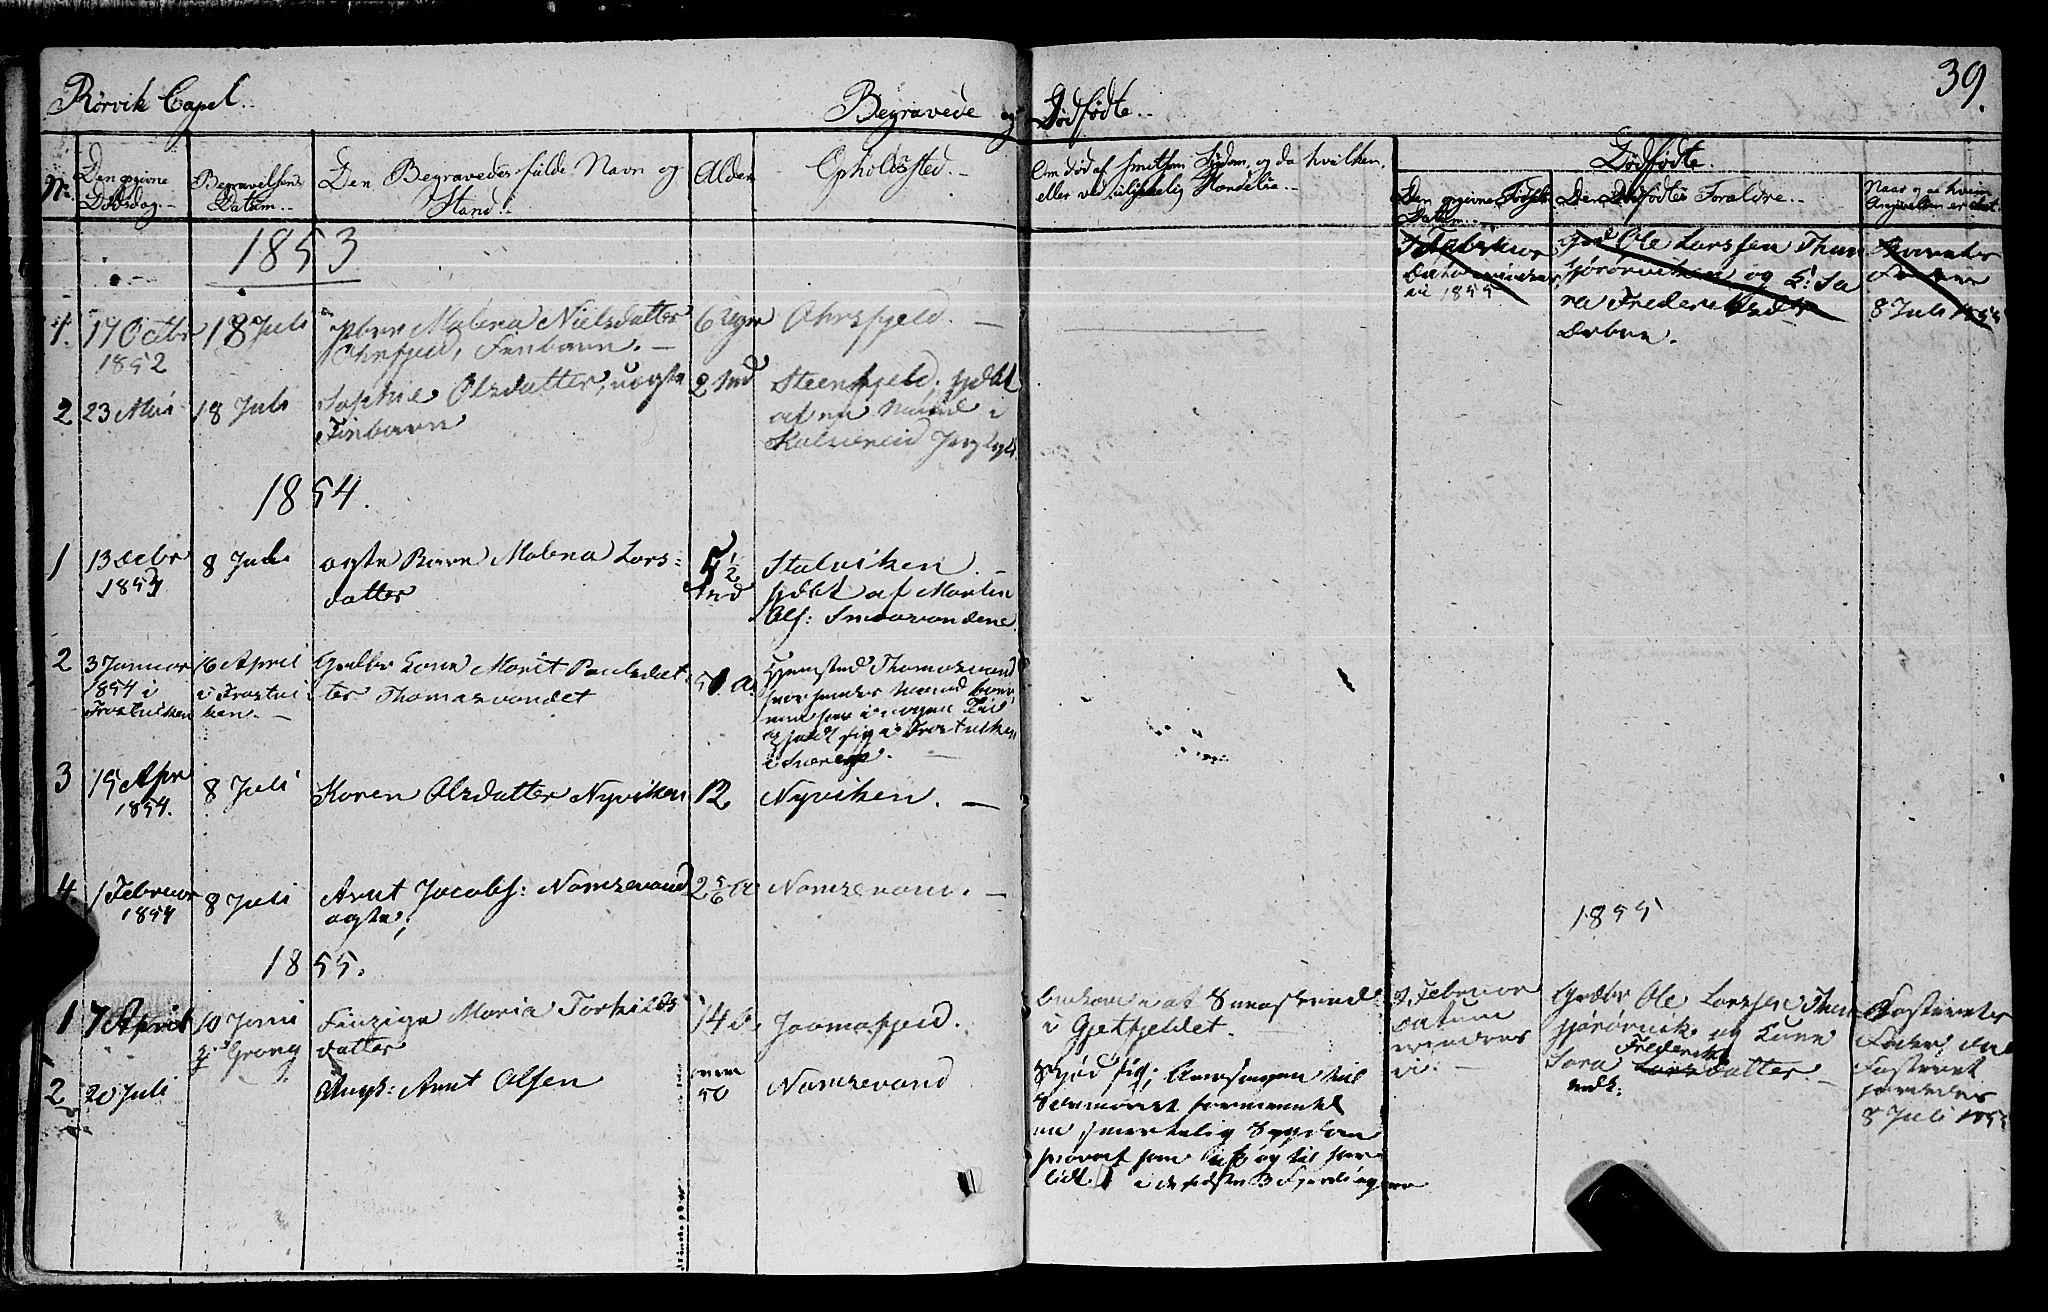 SAT, Ministerialprotokoller, klokkerbøker og fødselsregistre - Nord-Trøndelag, 762/L0538: Ministerialbok nr. 762A02 /1, 1833-1879, s. 39